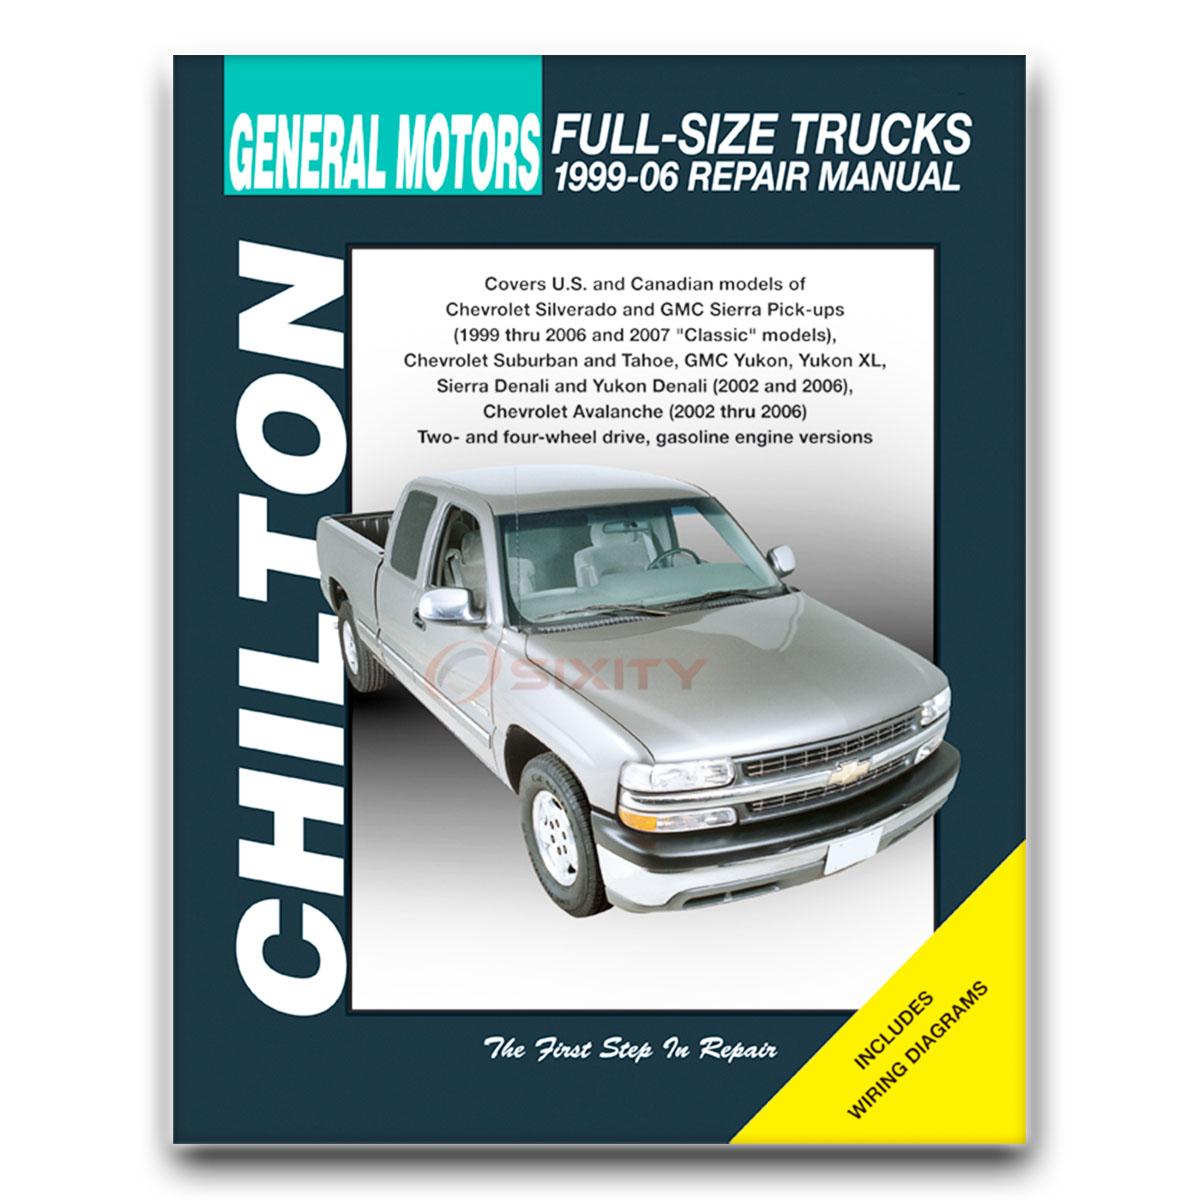 chevy suburban 1500 z71 ls rh ebay com 1999 gmc suburban service manual 1999 chevrolet suburban service manual